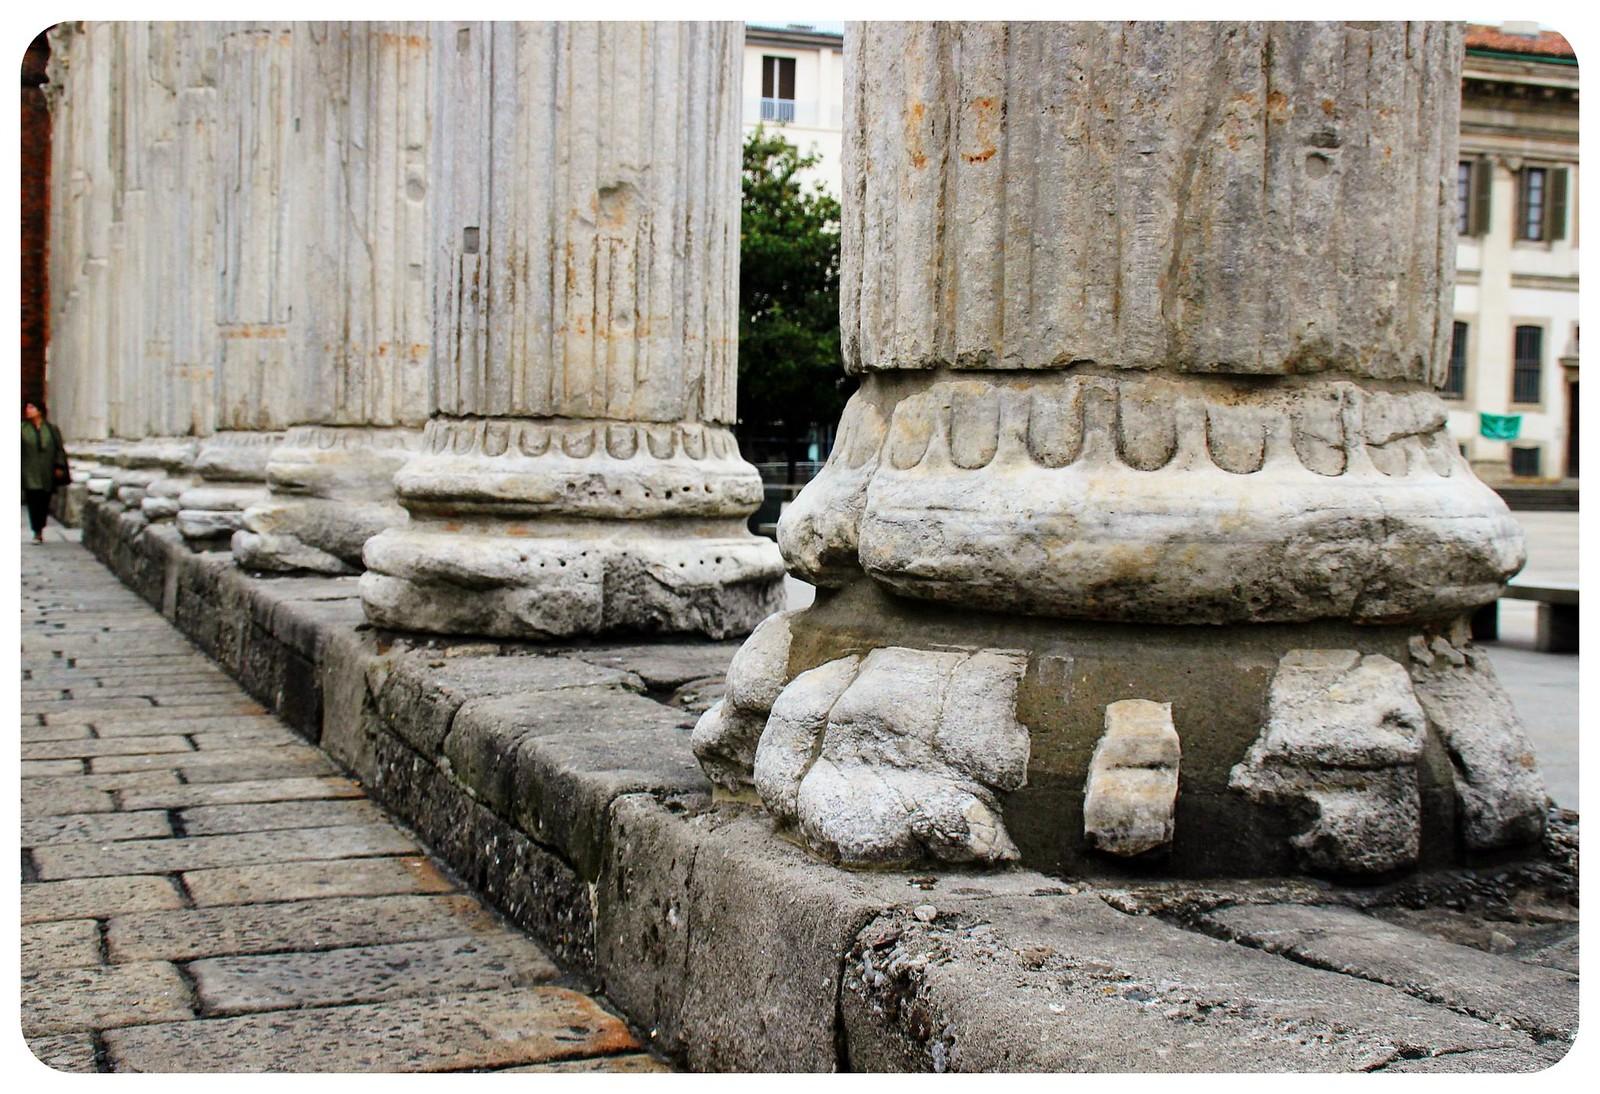 milan columns